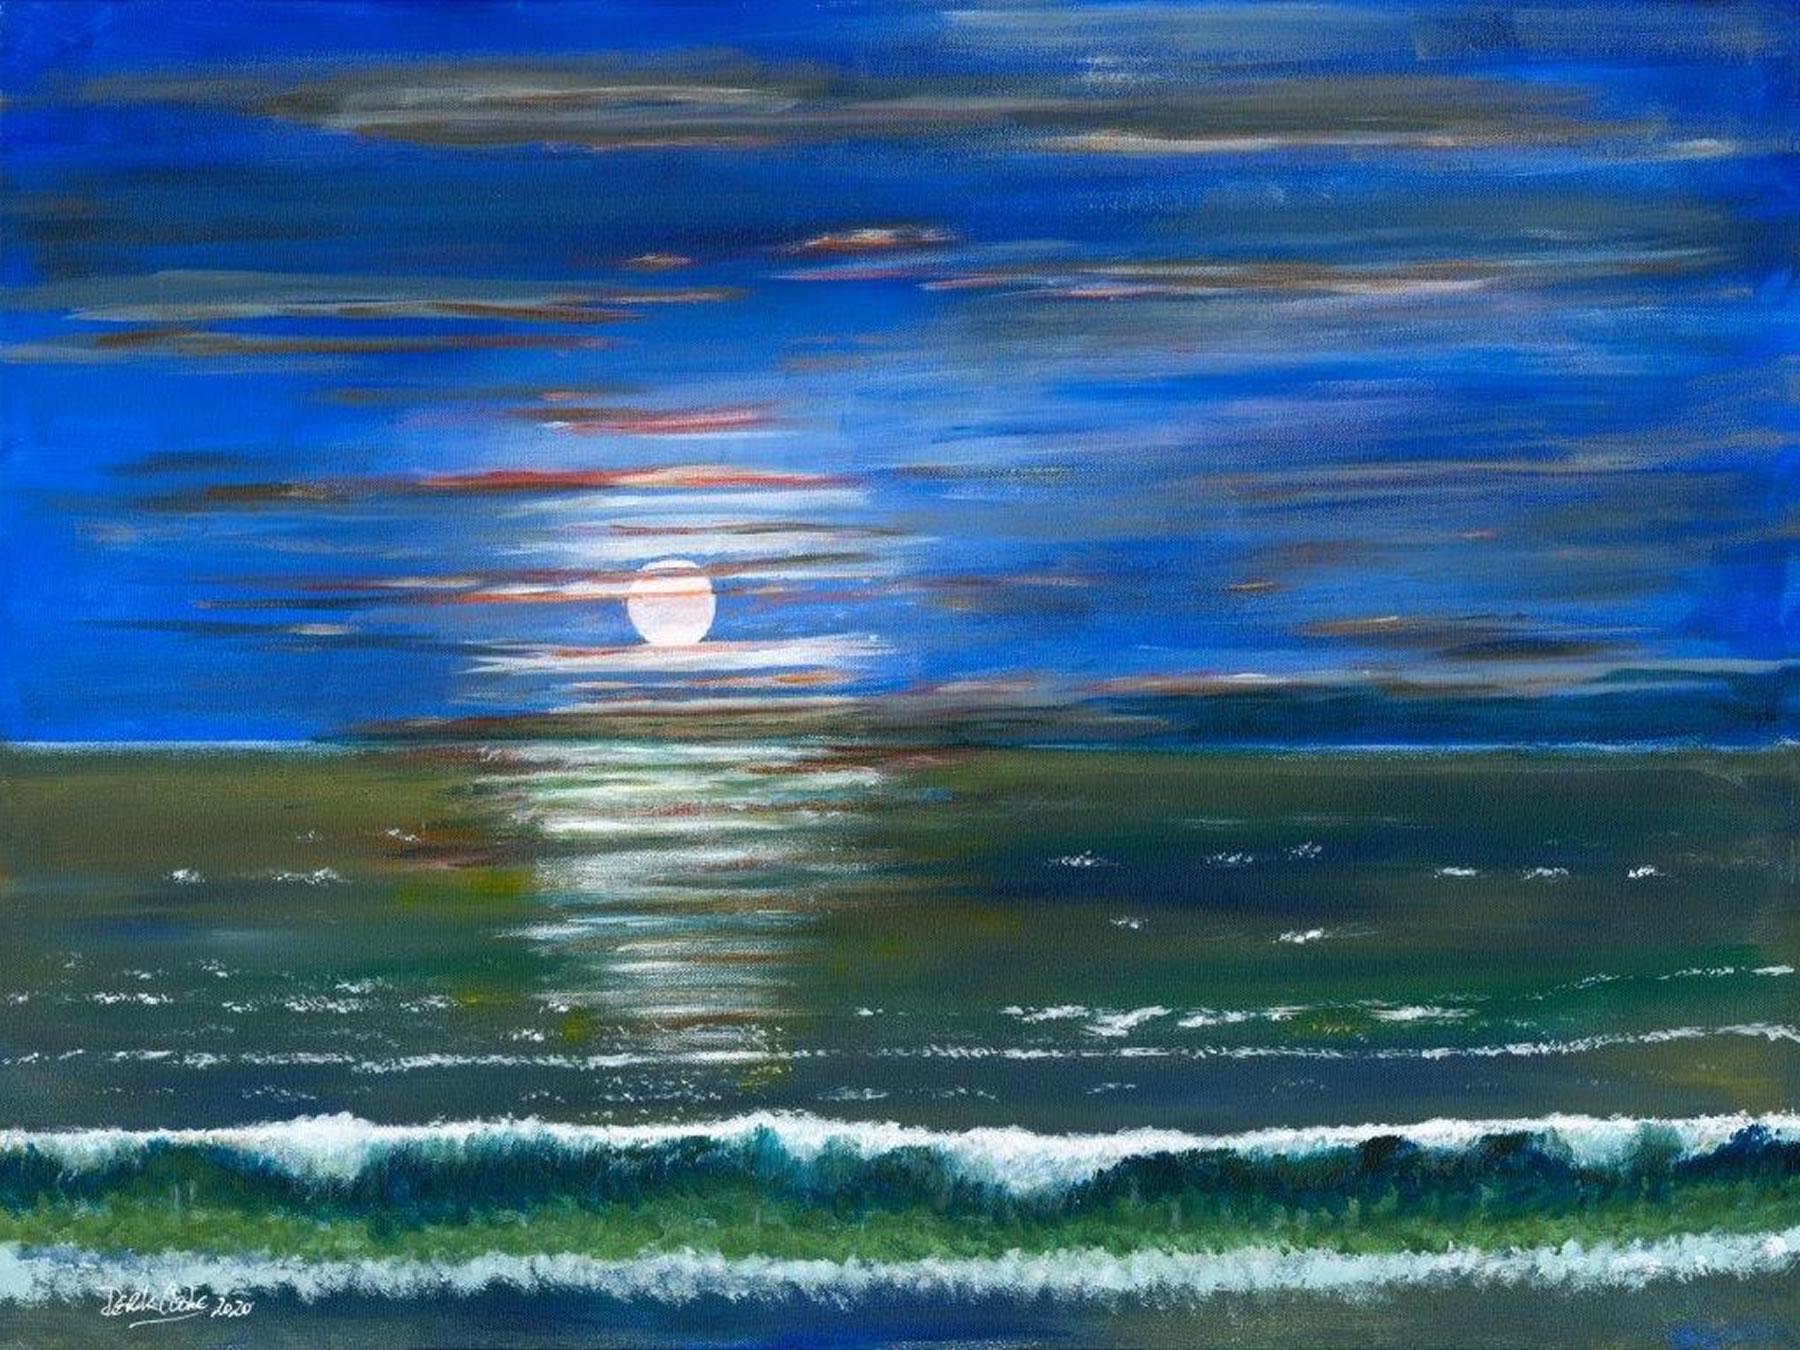 Art Prints - Moonlight Renaissance - Sea at Night